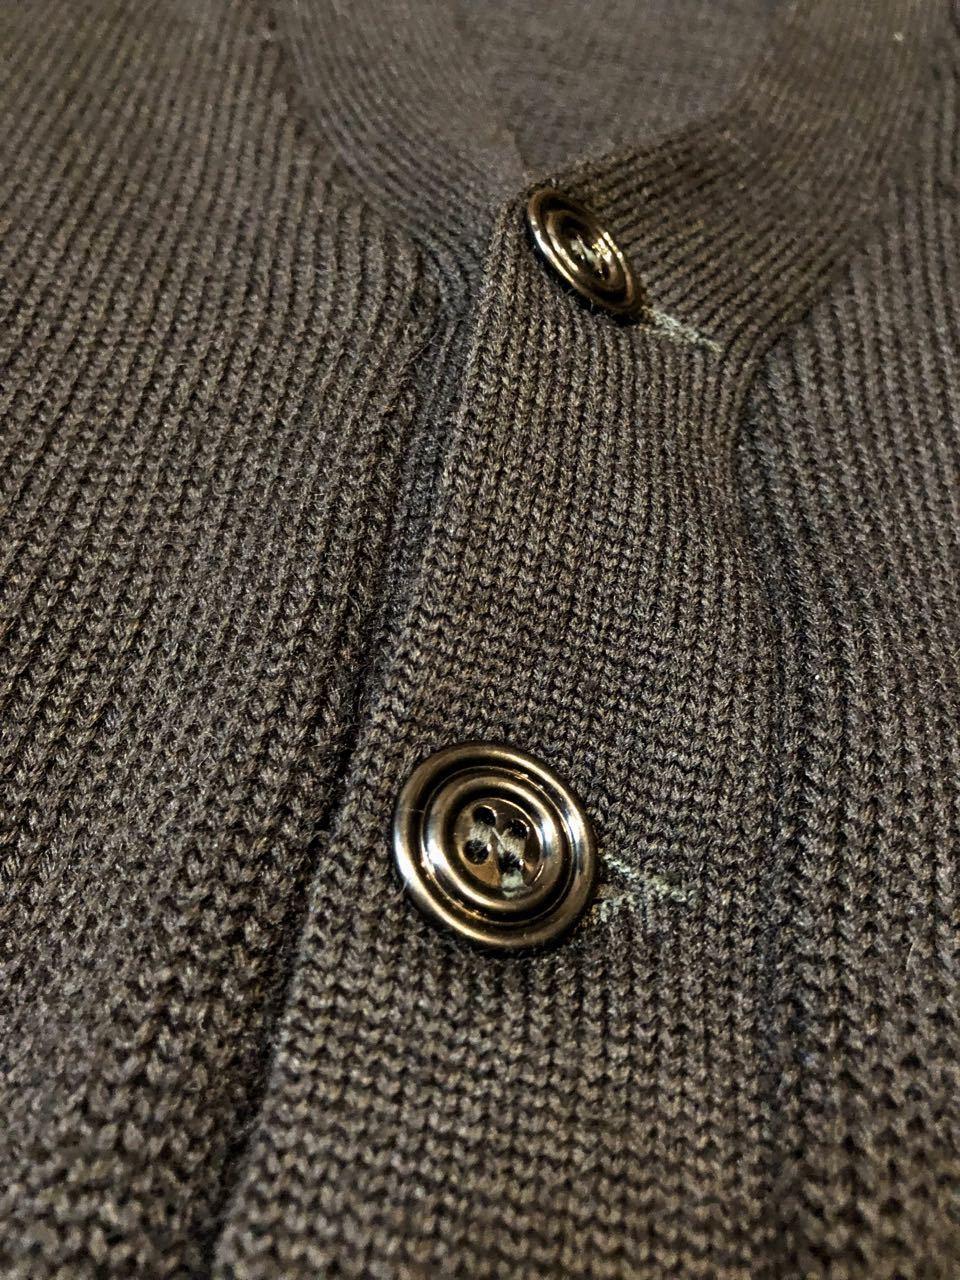 11月21日(木)入荷!50s ビンテージ all wool ブラックカラー カーディガン_c0144020_14022785.jpg